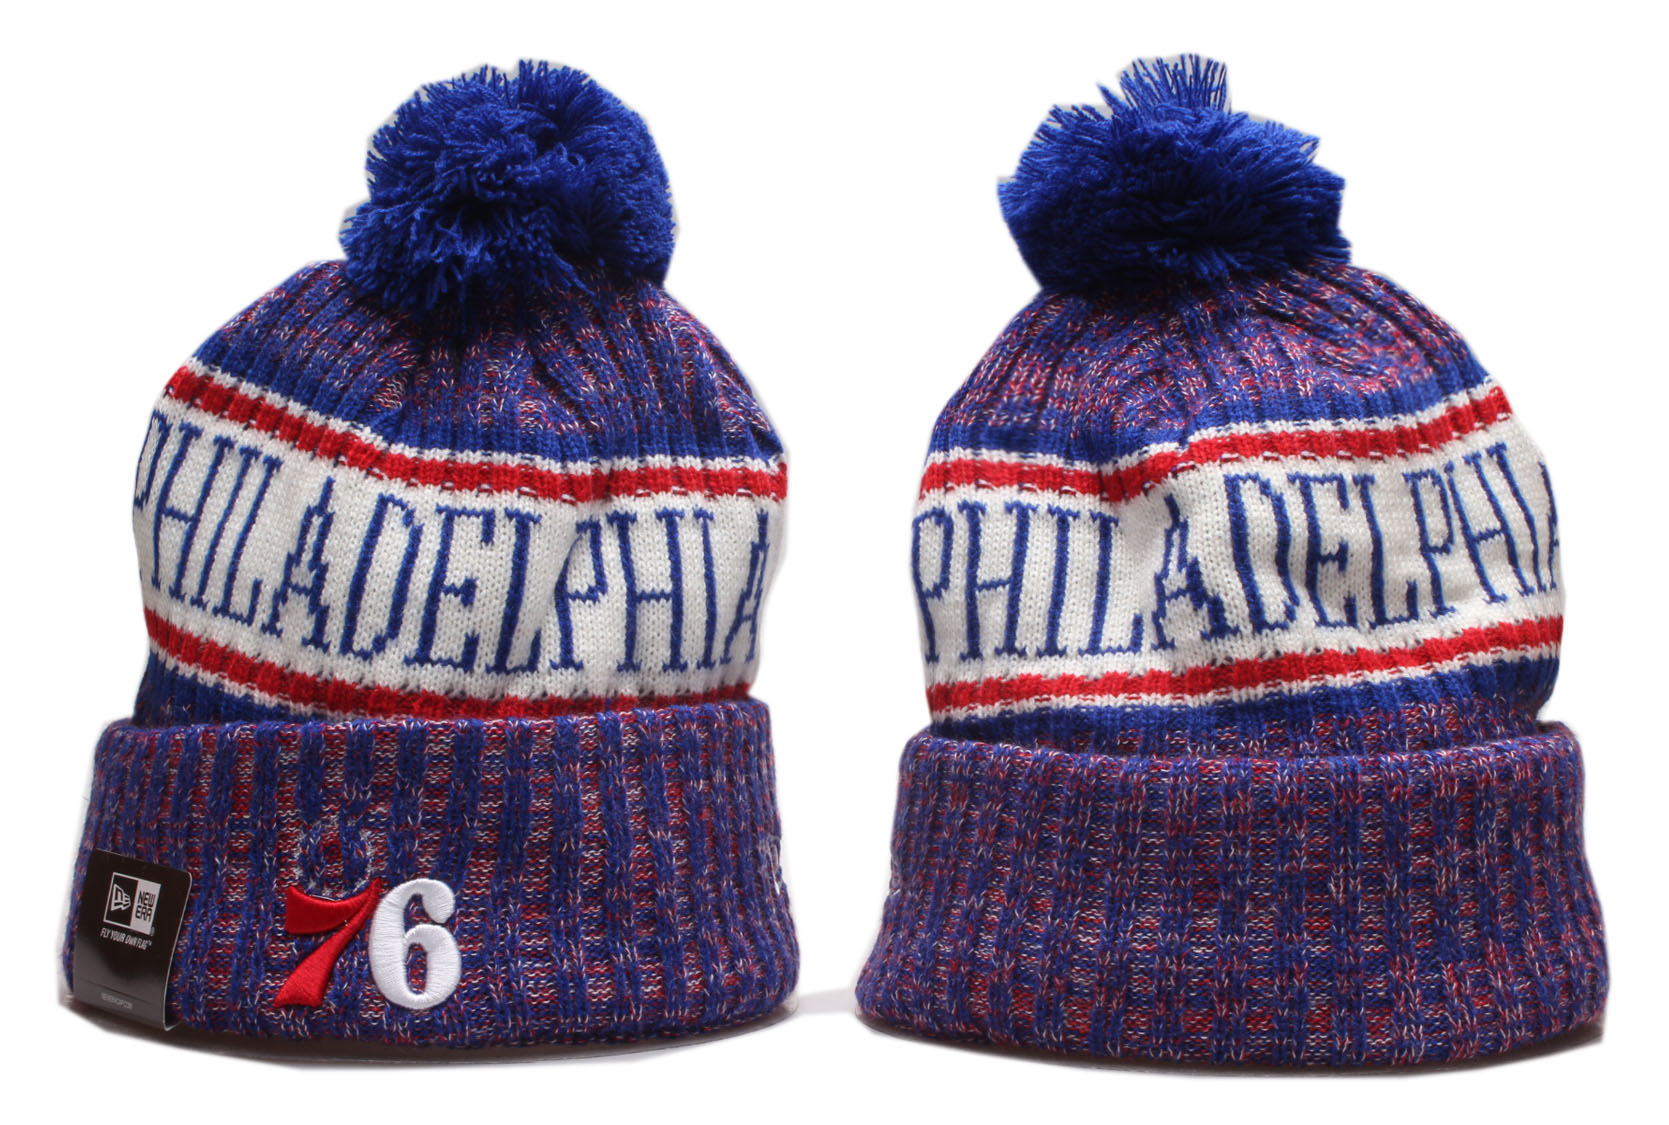 76ers Team Logo Royal Wordmark Cuffed Pom Knit Hat YP